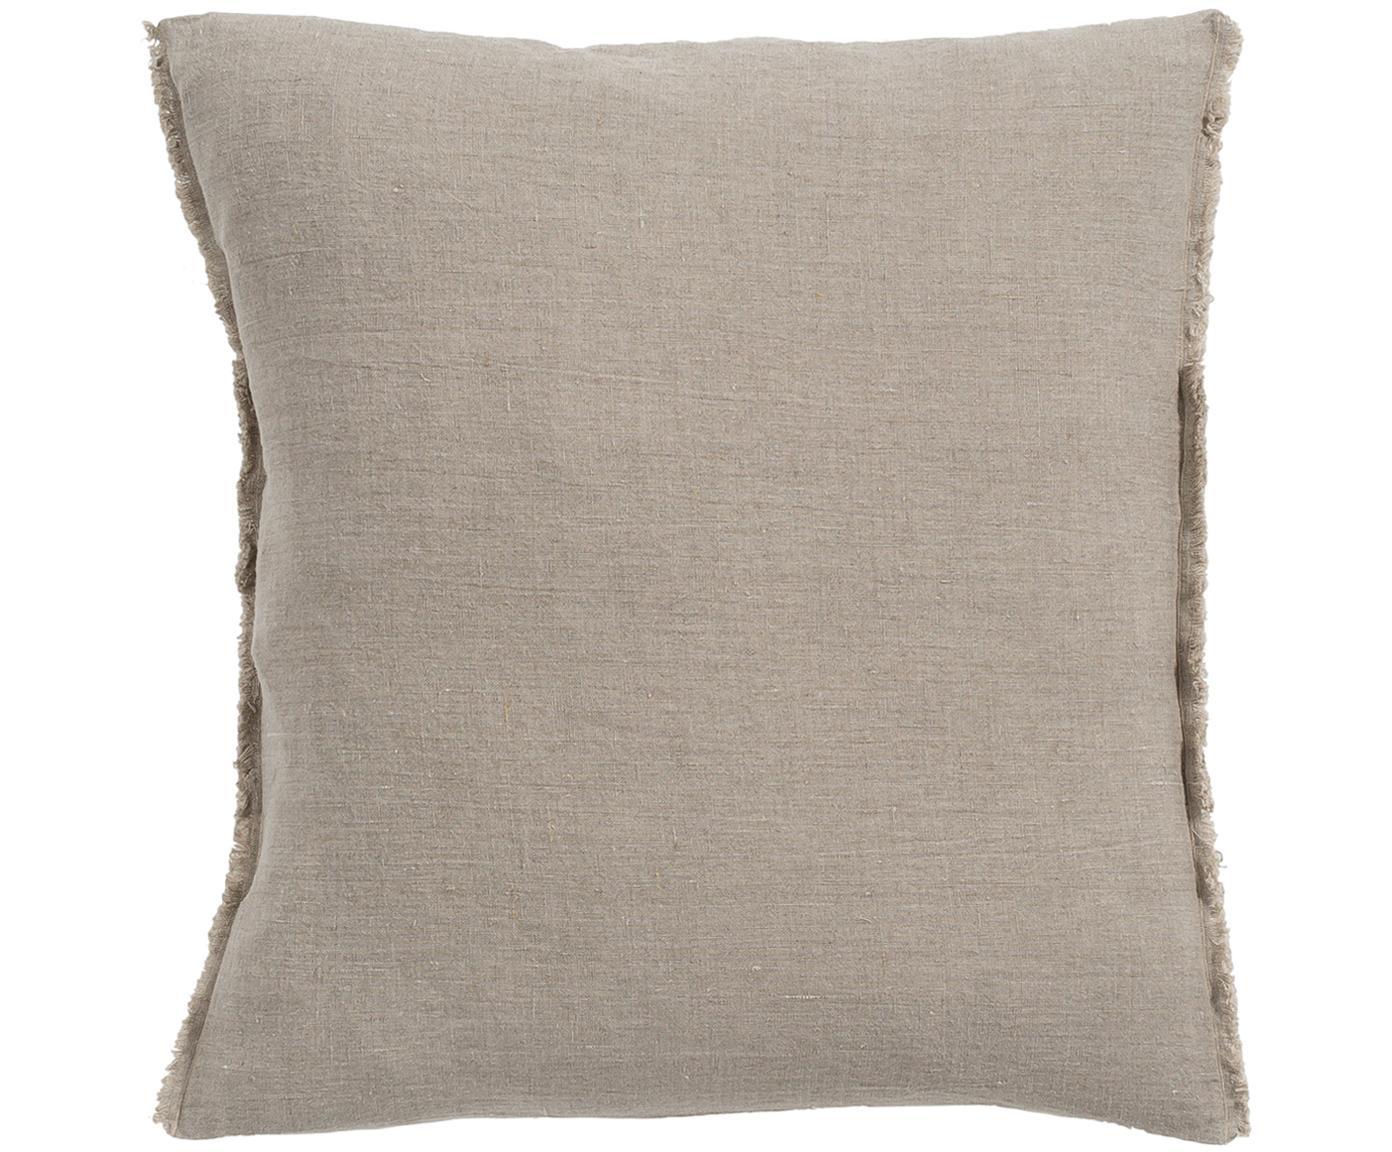 Cojín de lino con flecos Sunshine Fringe, con relleno, Gris pardo, An 50 x L 50 cm